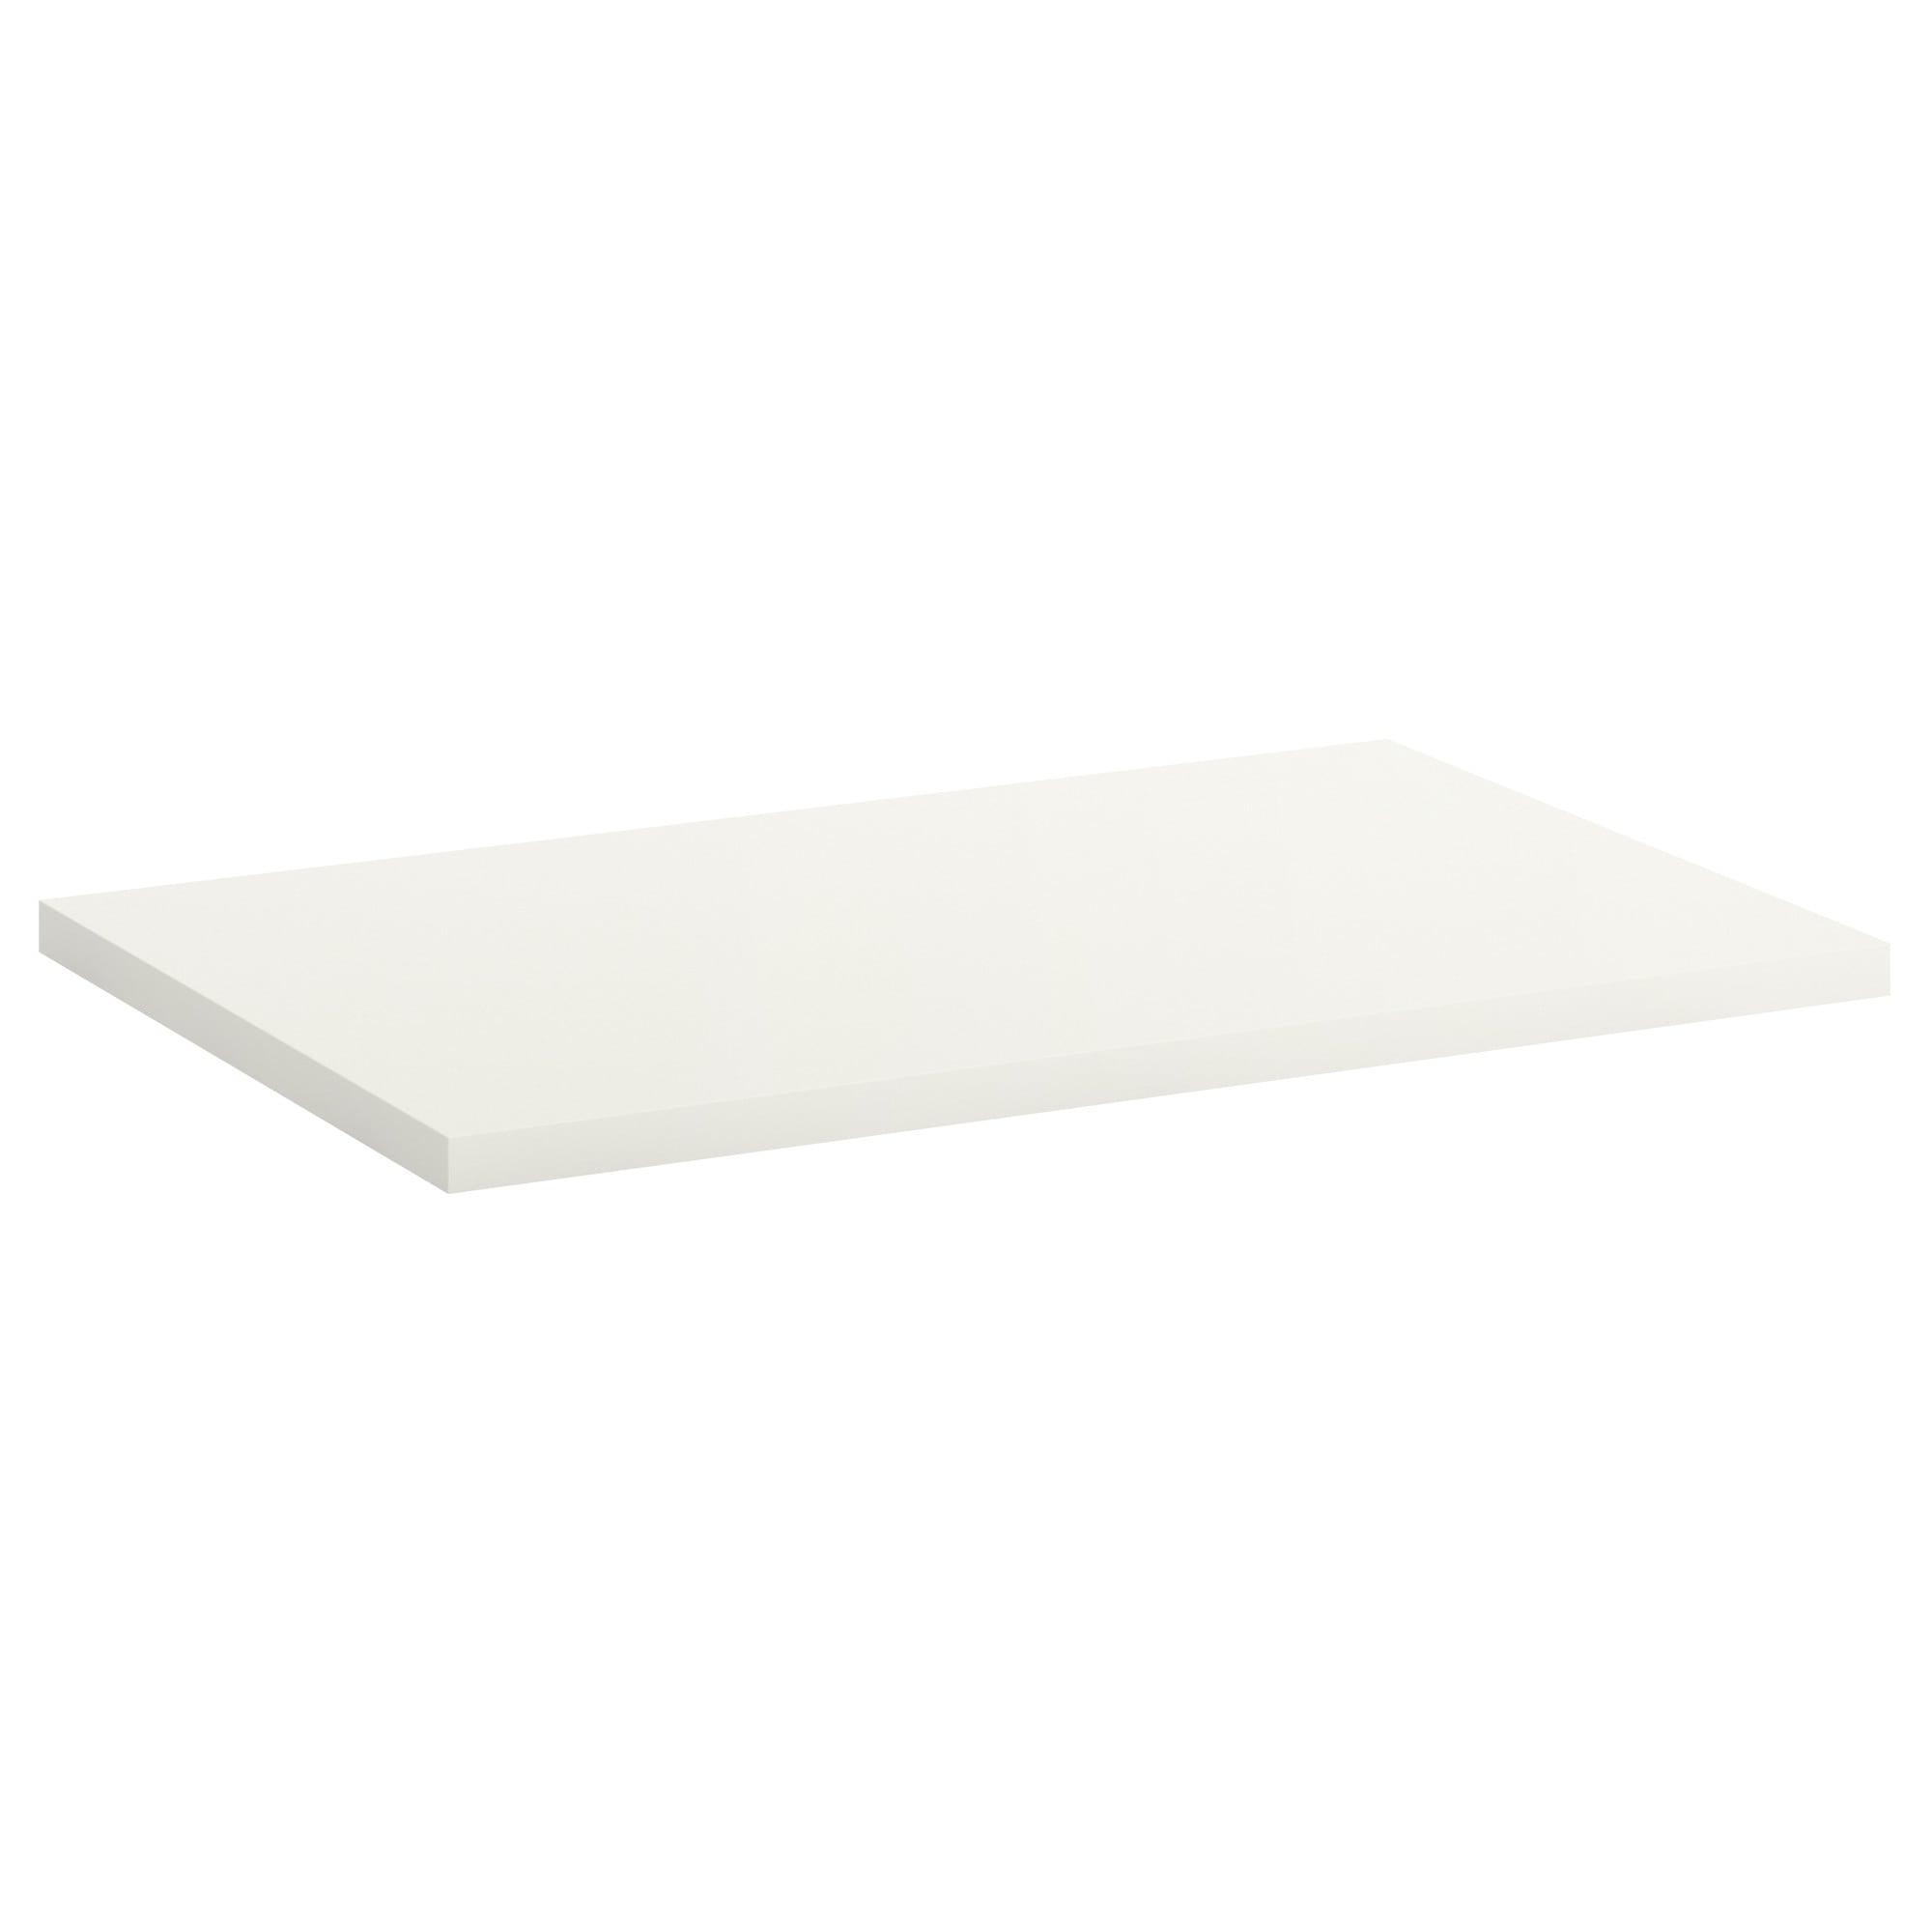 Tablero Mesa Ikea Wddj Linnmon Tablero Blanco 100 X 60 Cm Ikea